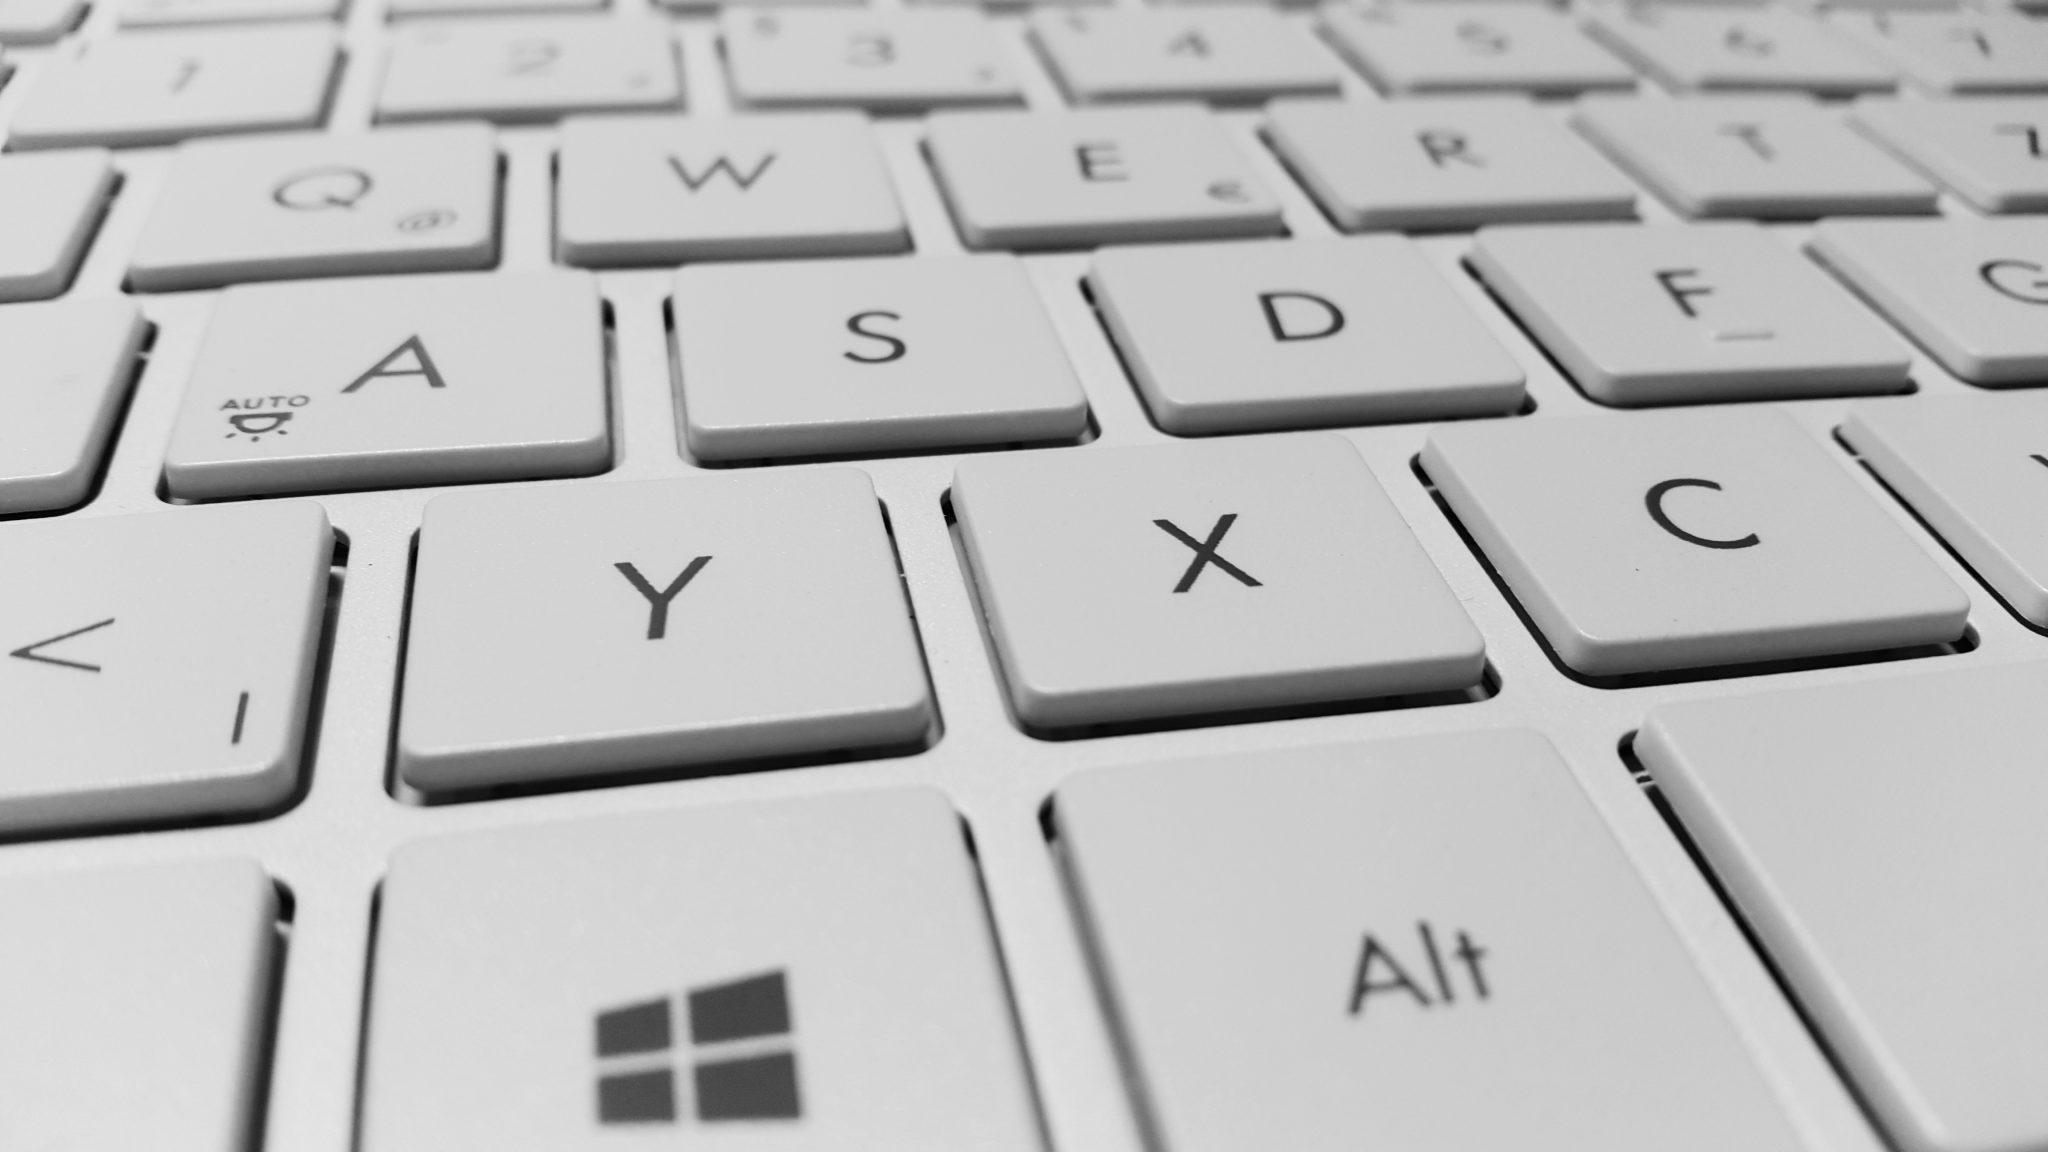 tastatur funktioniert nicht mehr richtig